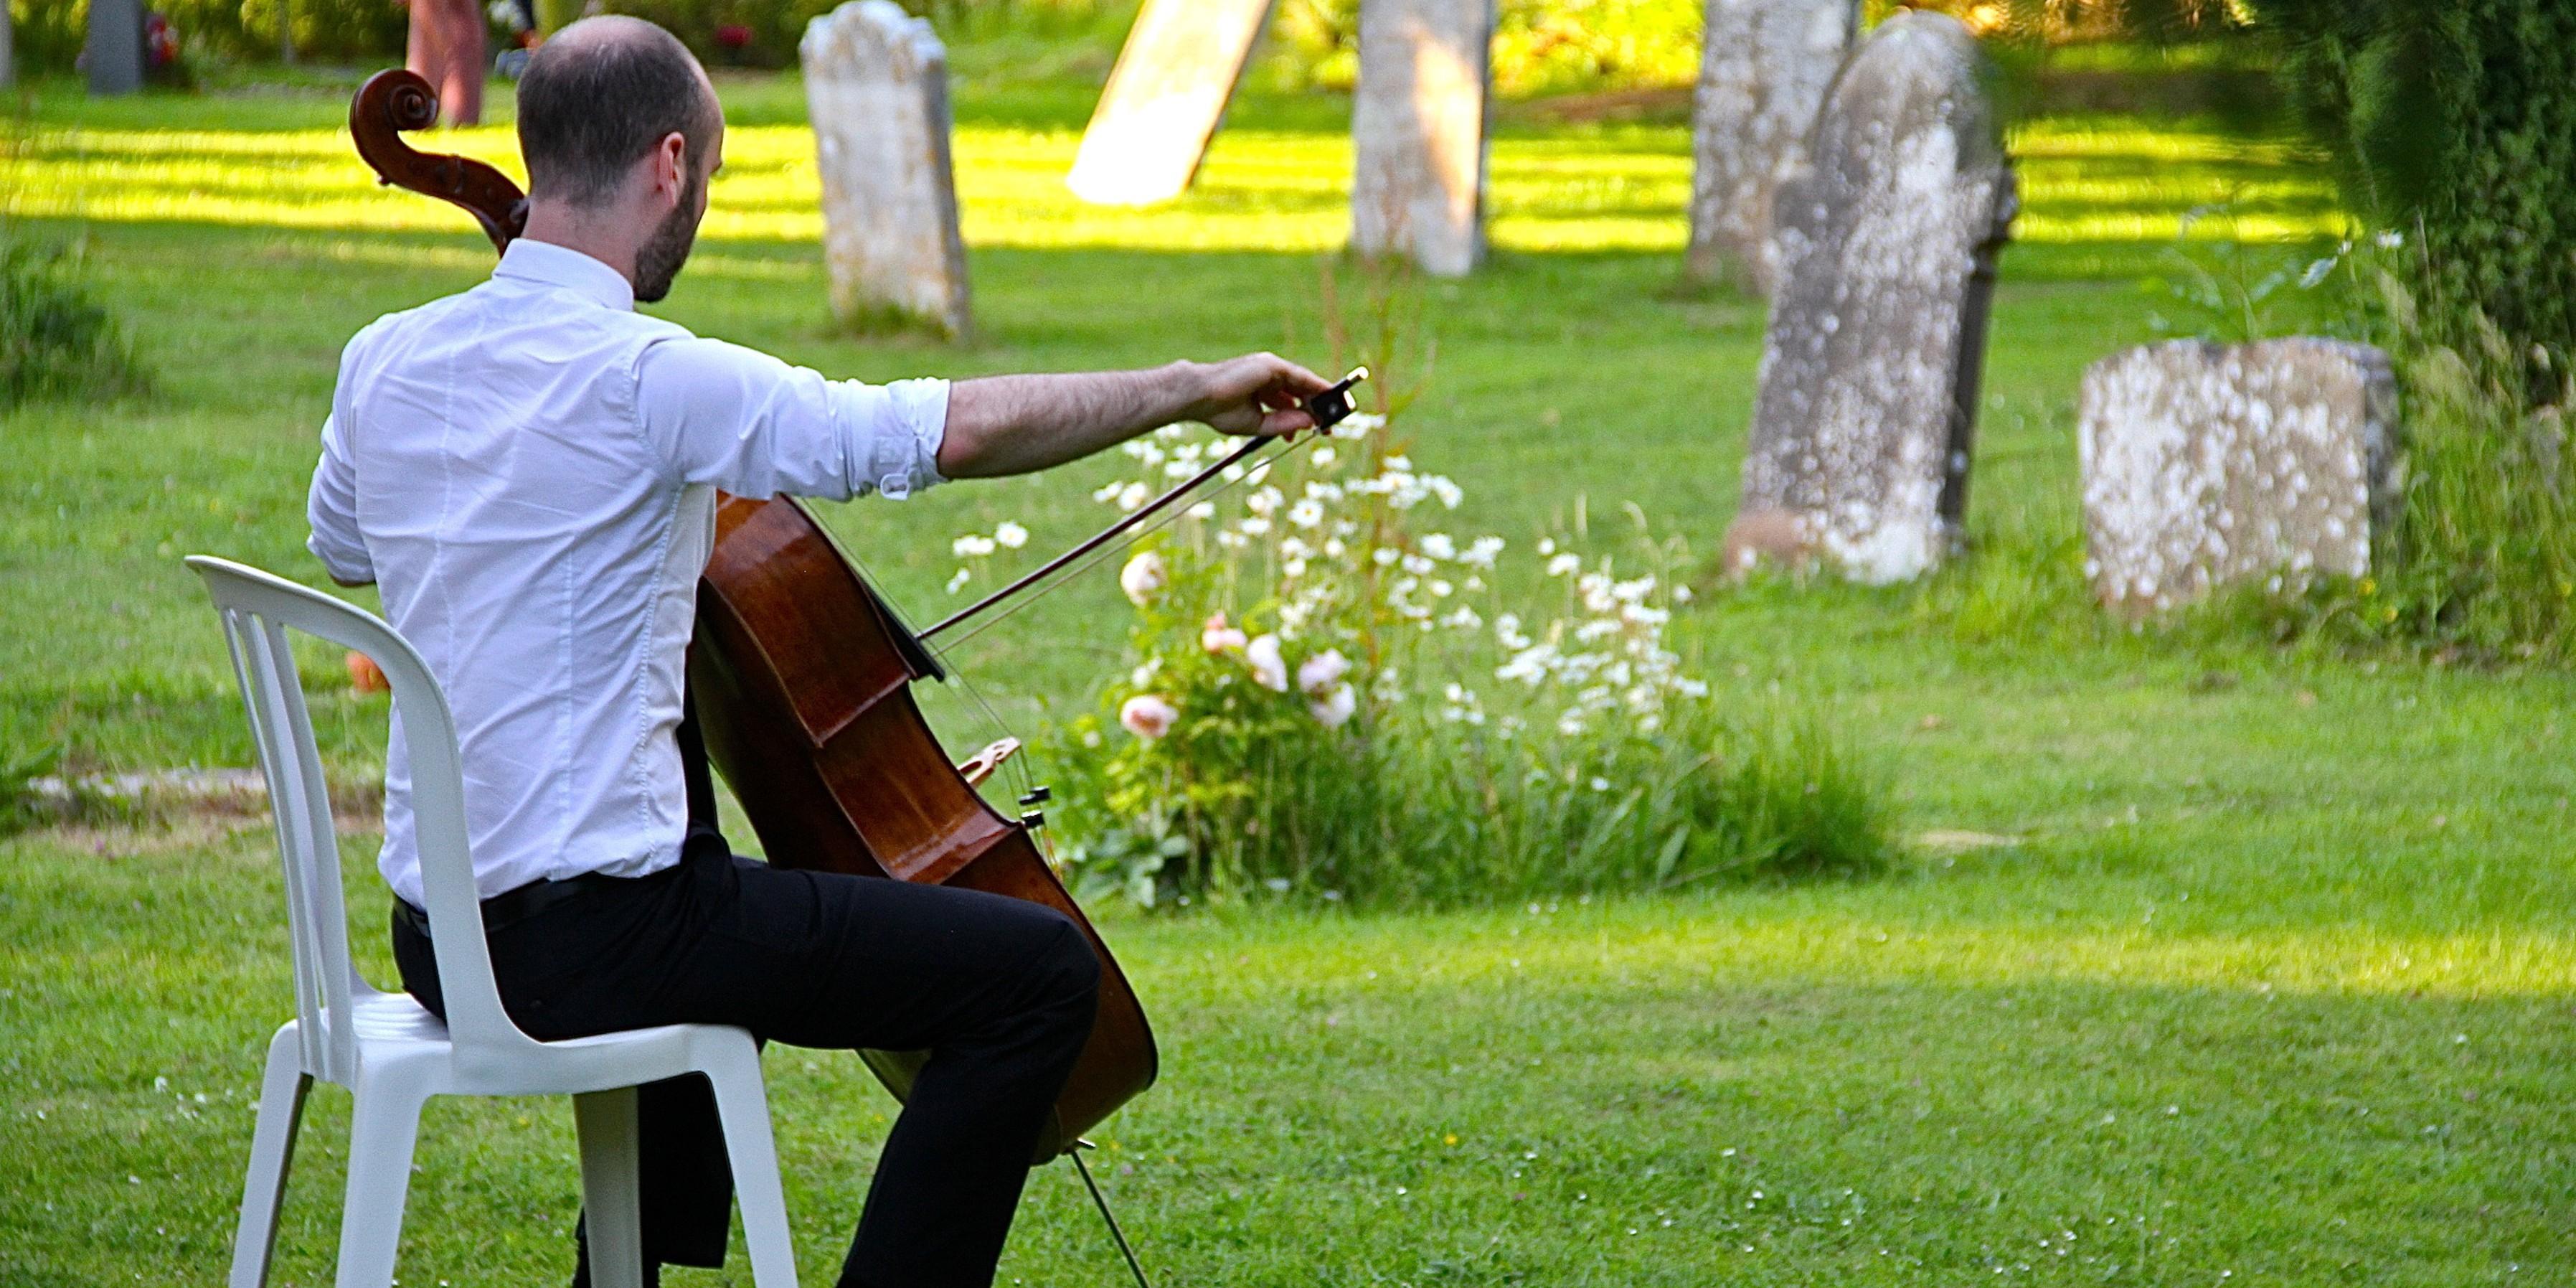 Jakob practising